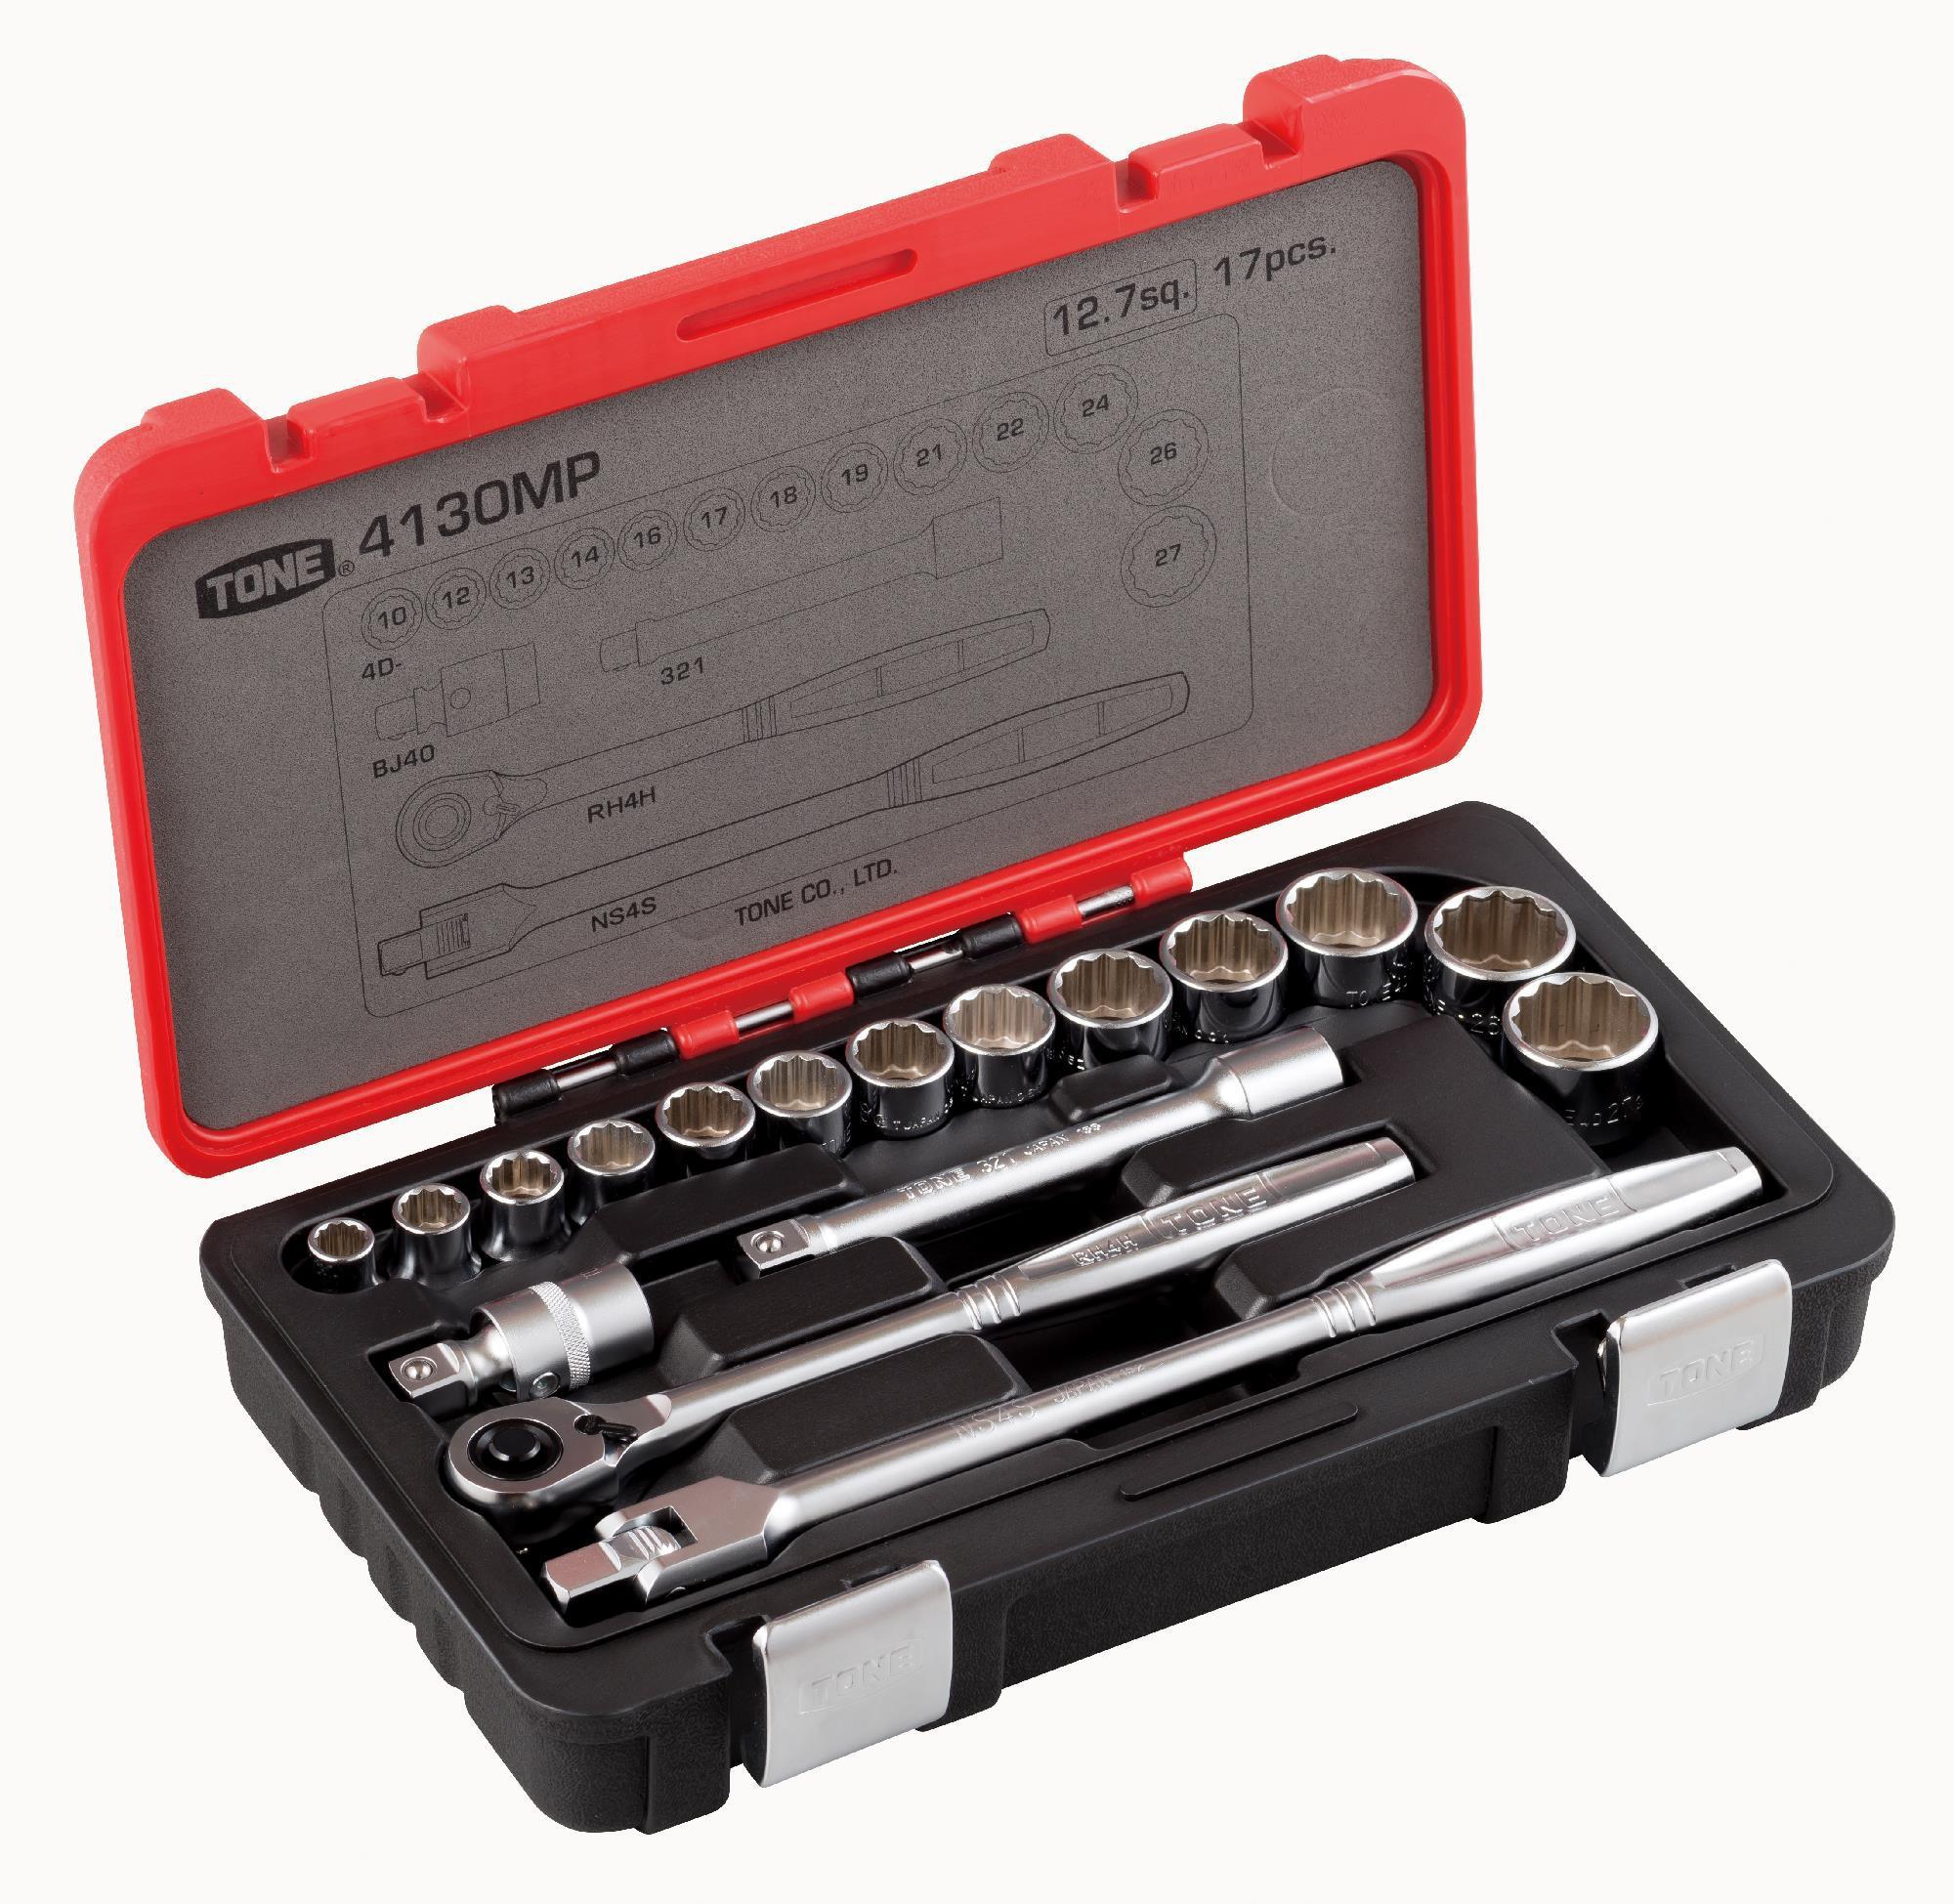 Hộp đầu khẩu và cần vặn TONE 17 chi tiết 1/2inch 4130MP